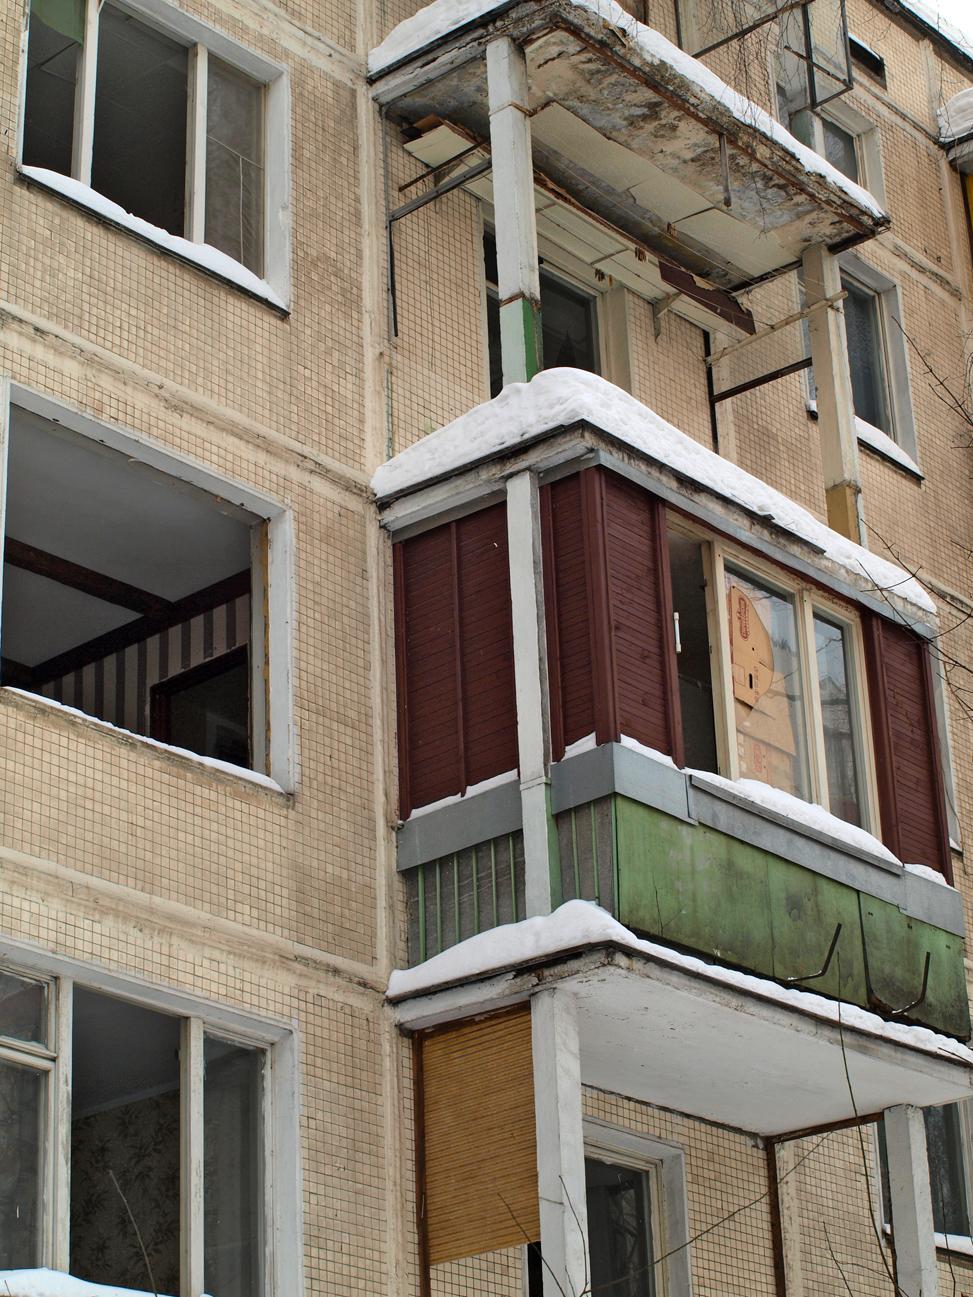 http://img-fotki.yandex.ru/get/5903/parktower99911.35/0_41f0a_7b1c56a6_orig